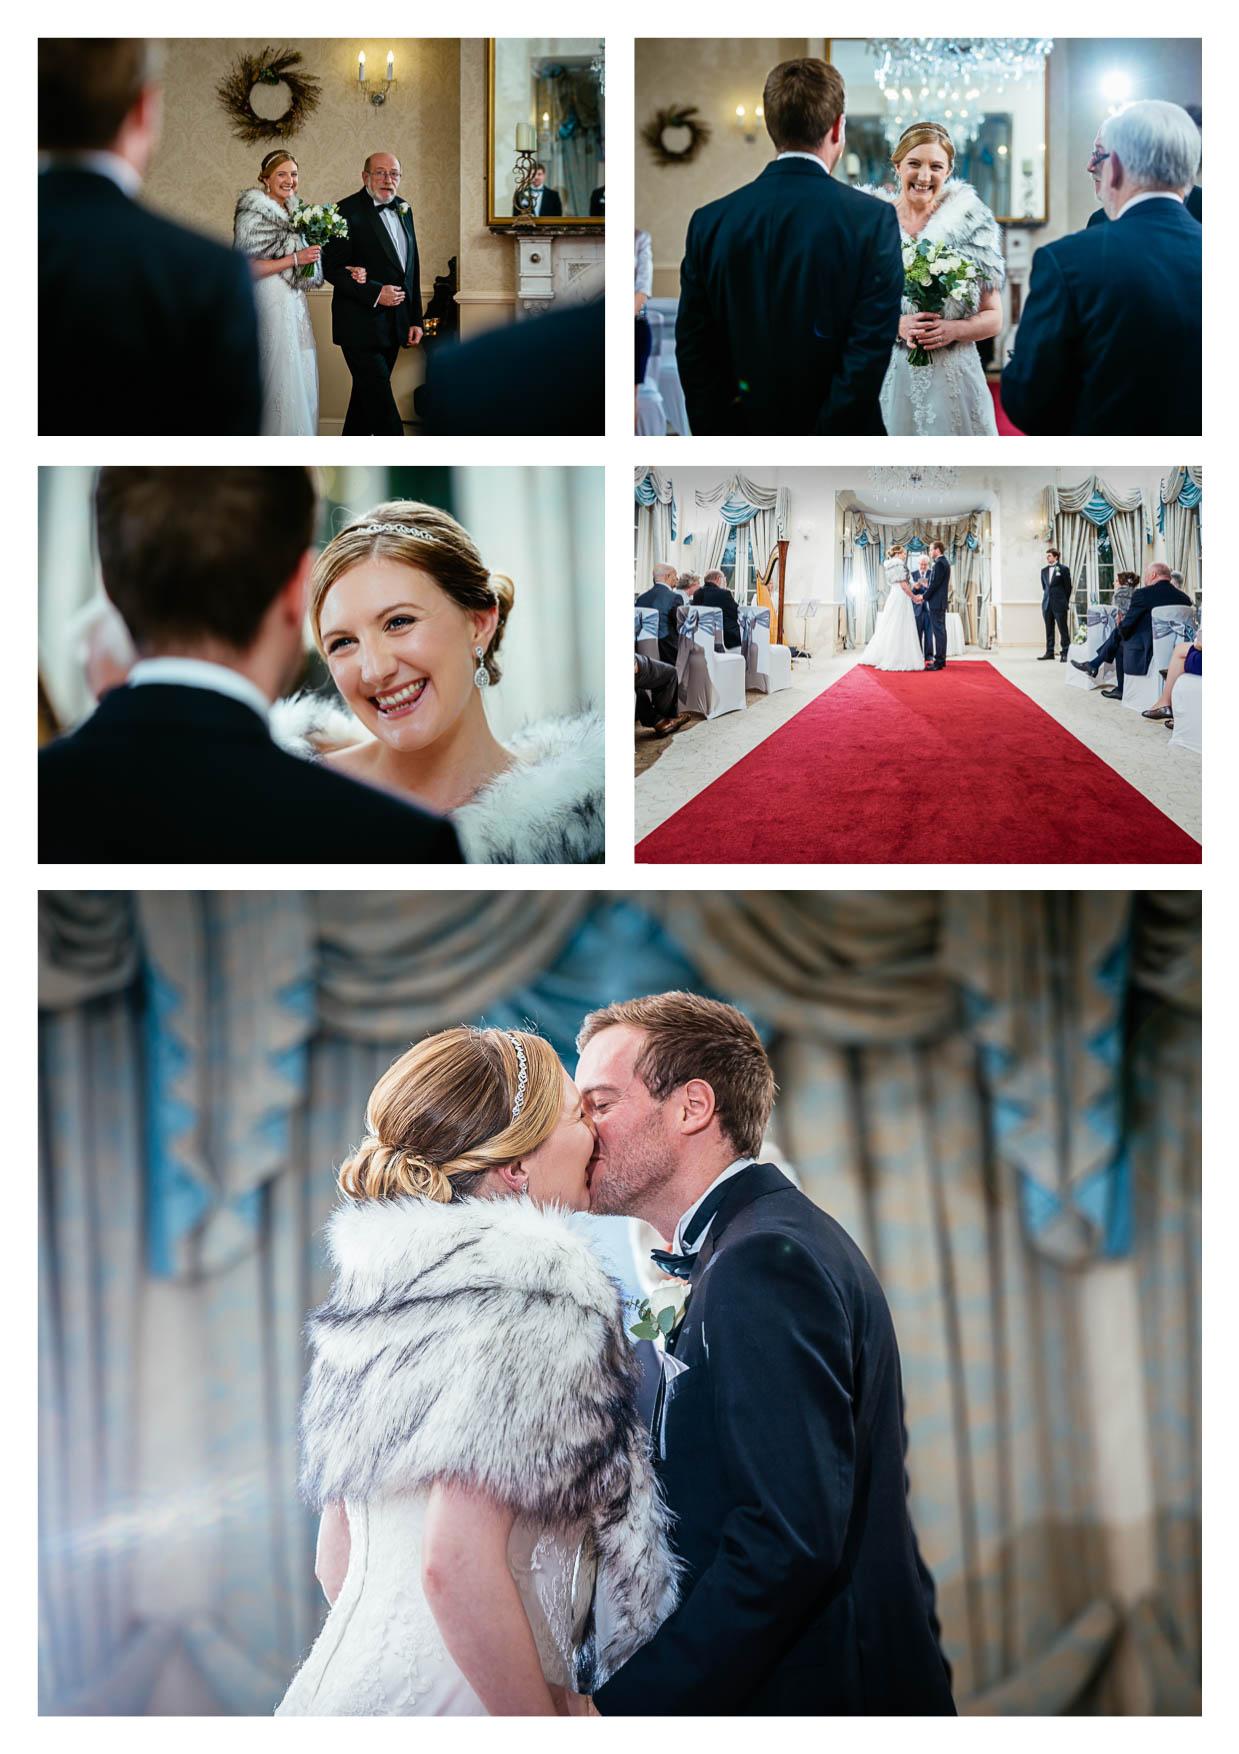 Decourceys wedding photographers